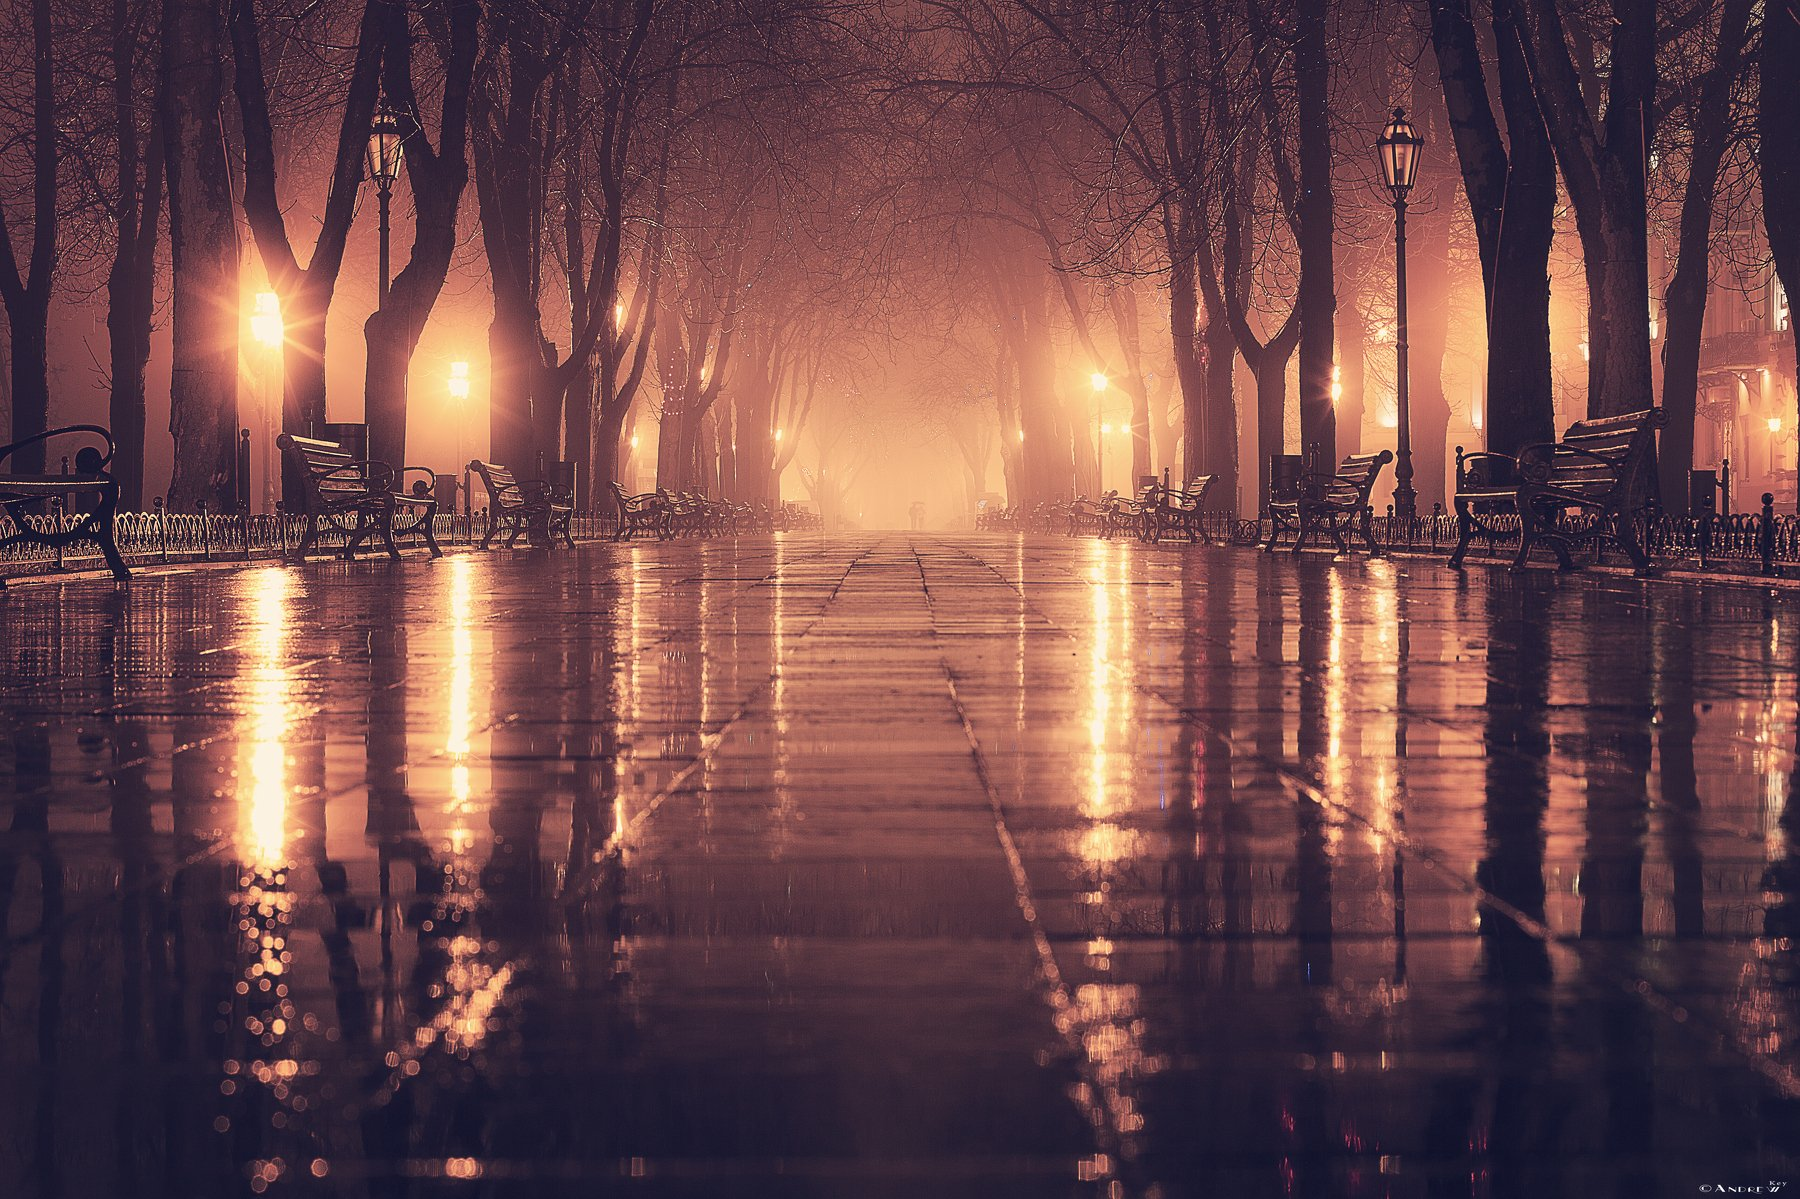 город,ночной город,туман,дождь,огни, Andrew Key